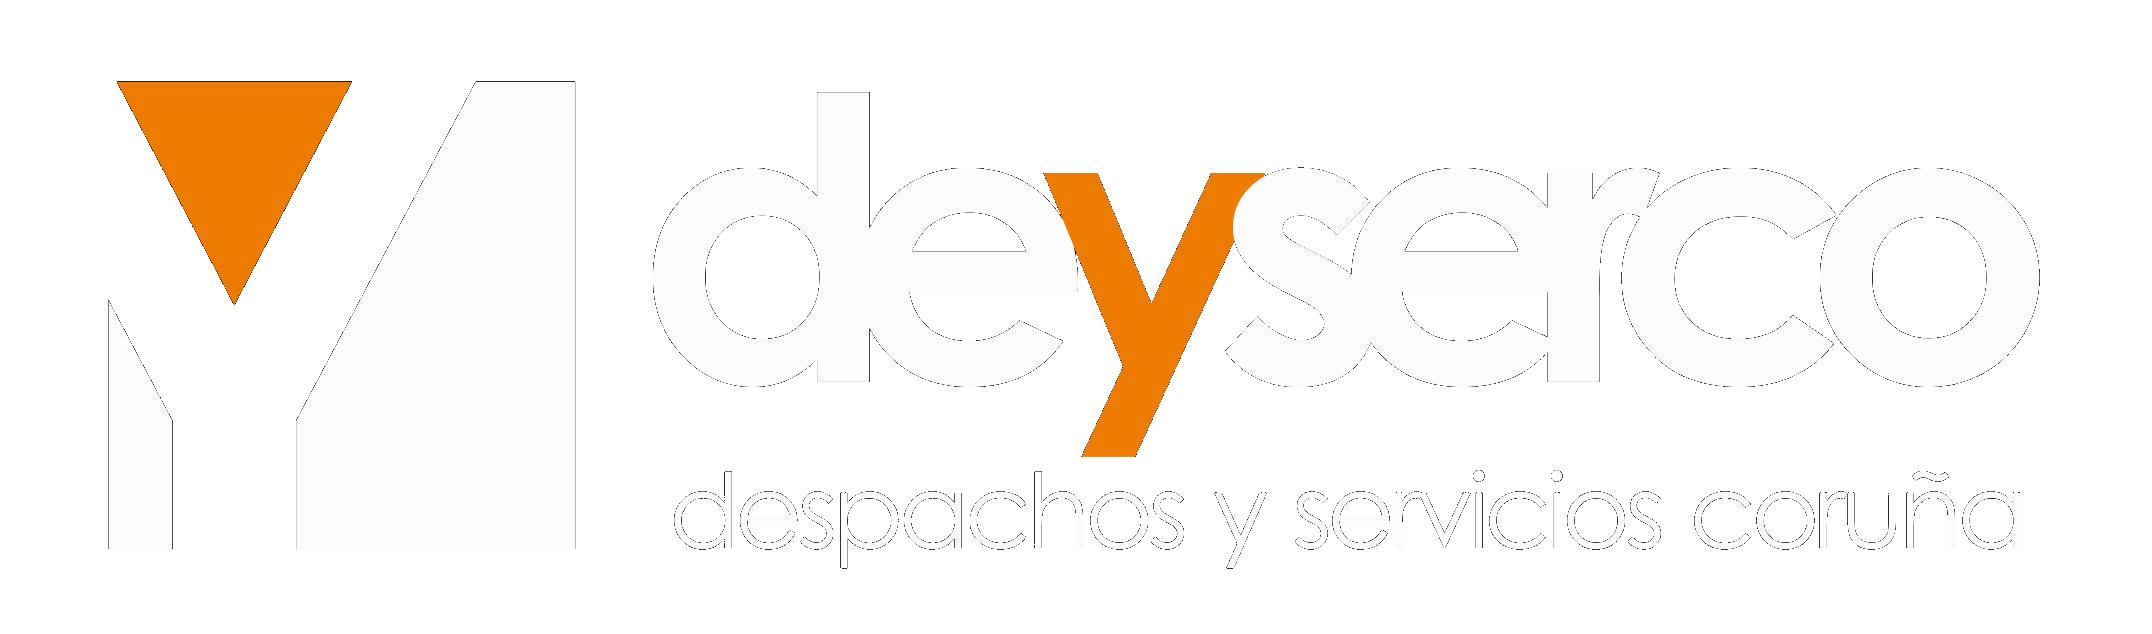 Despachos y Servicios Coruña